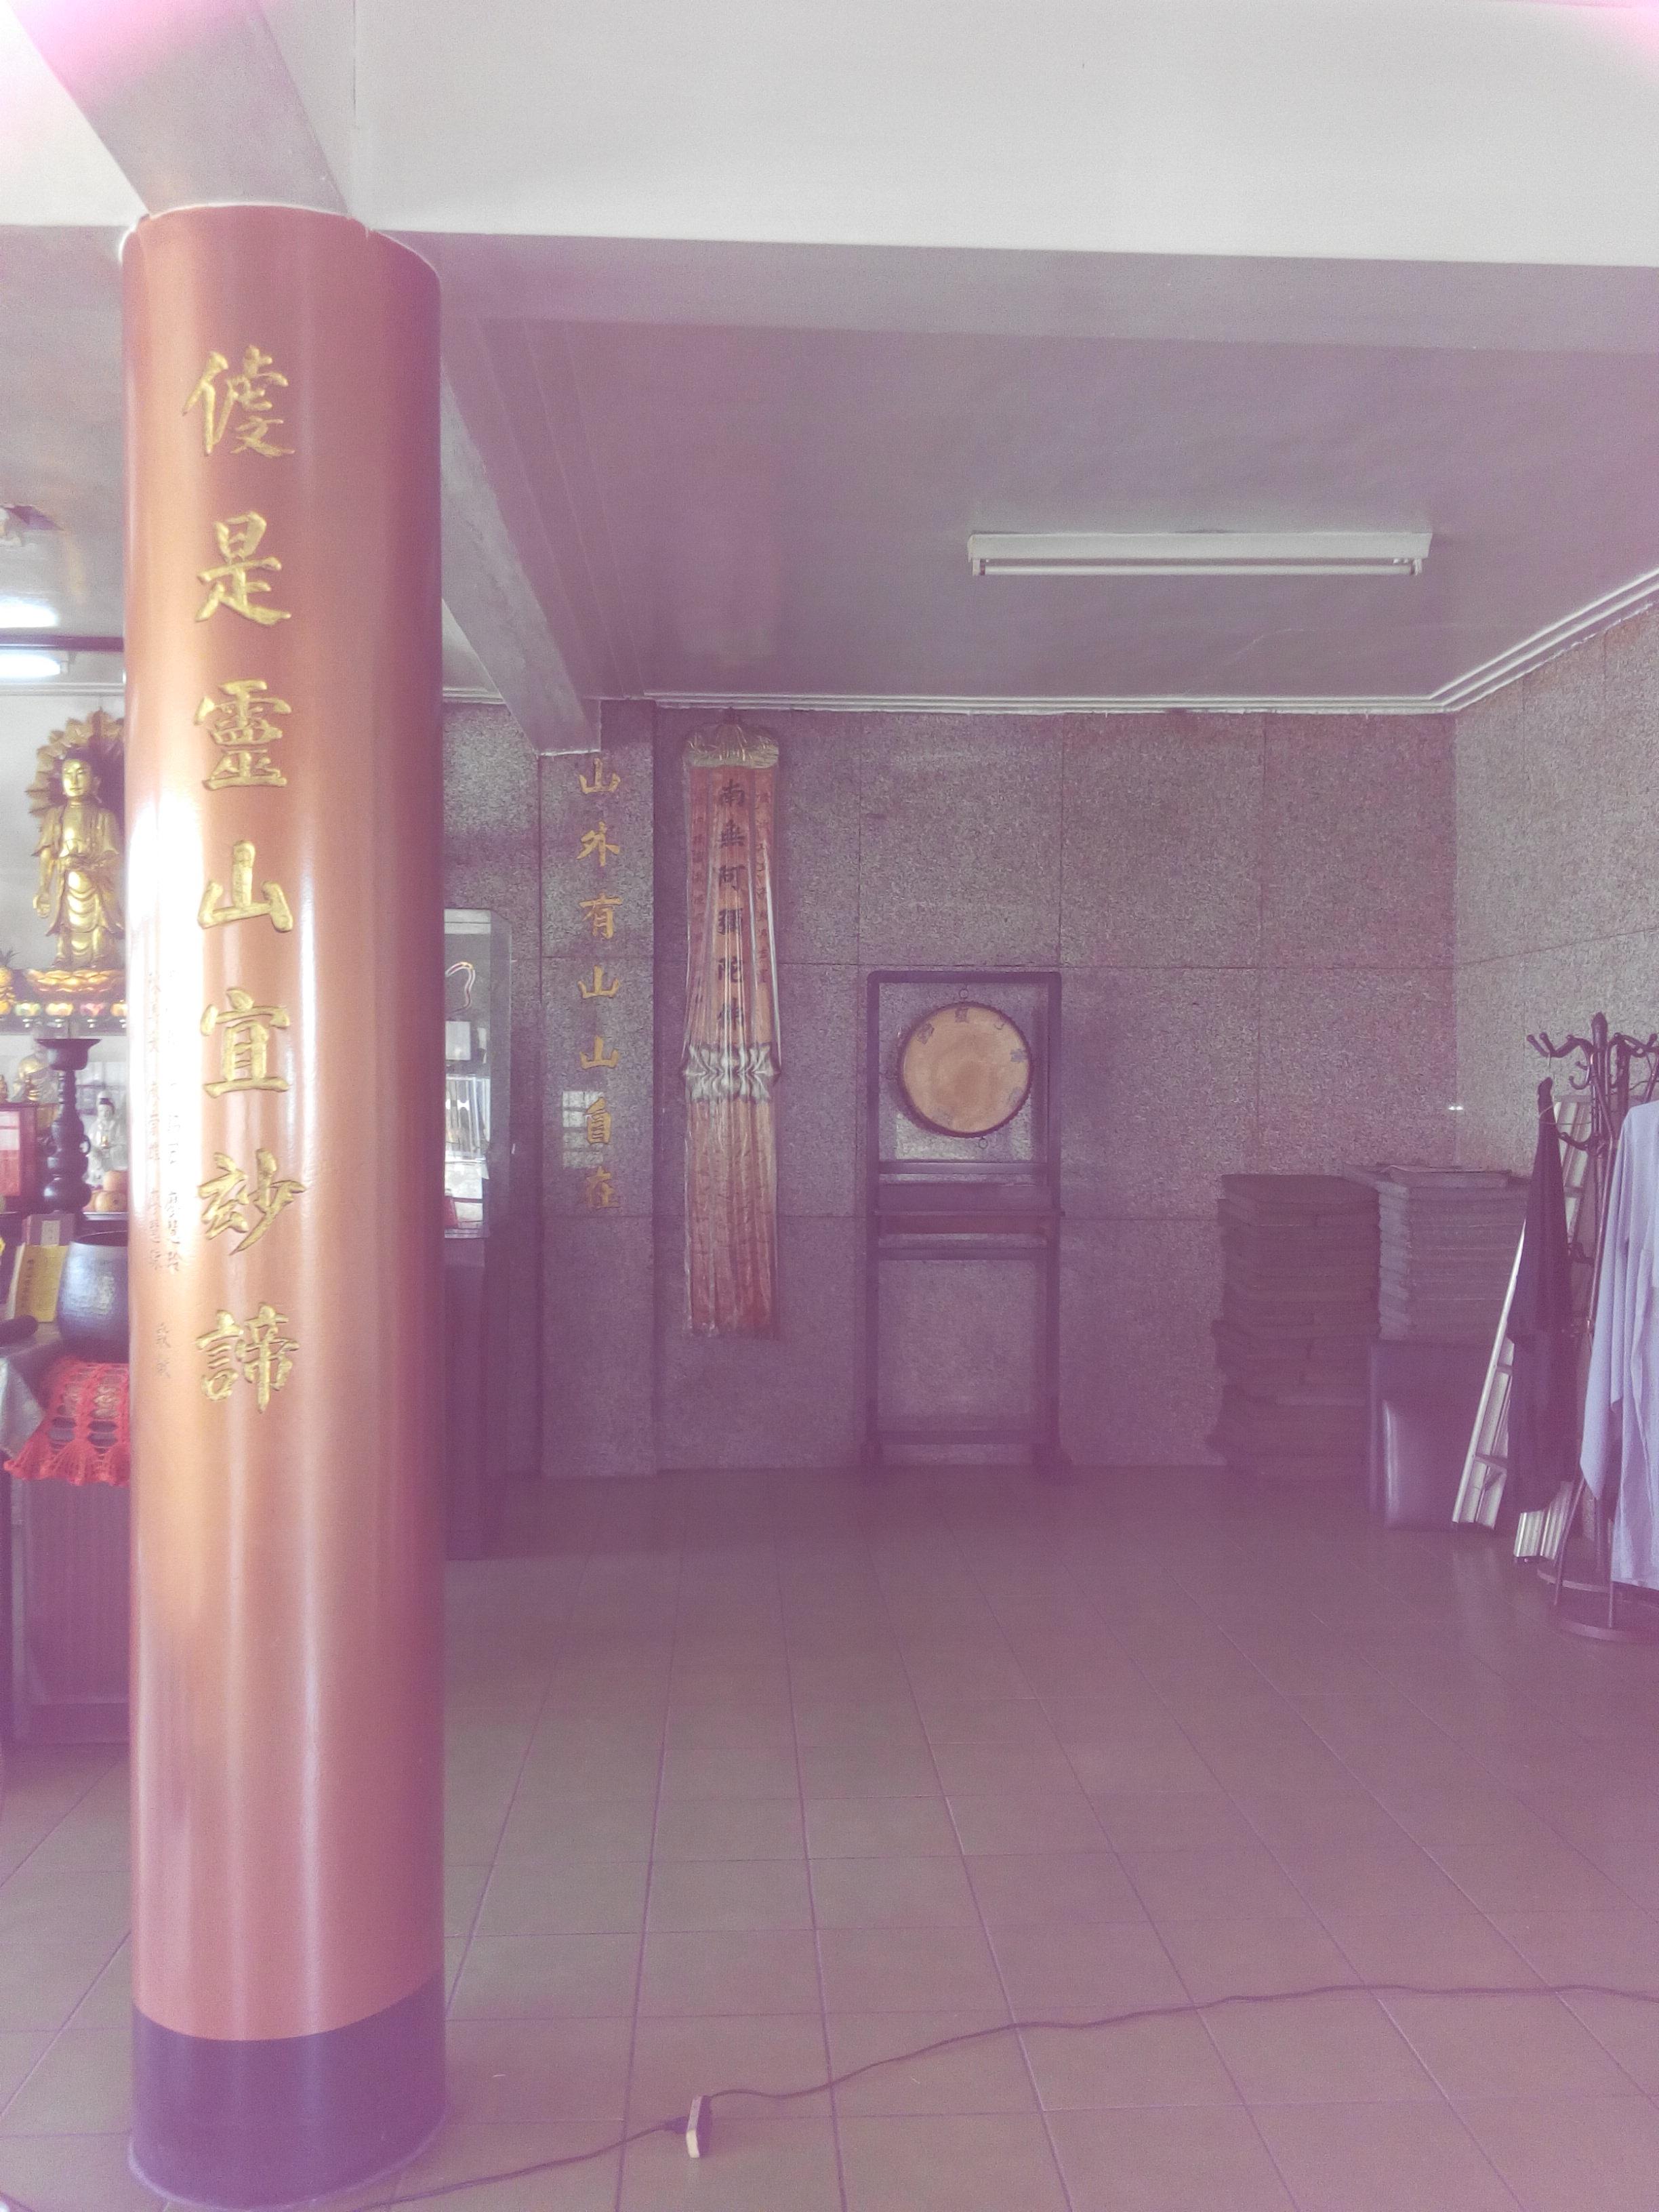 二樓阿彌陀佛殿